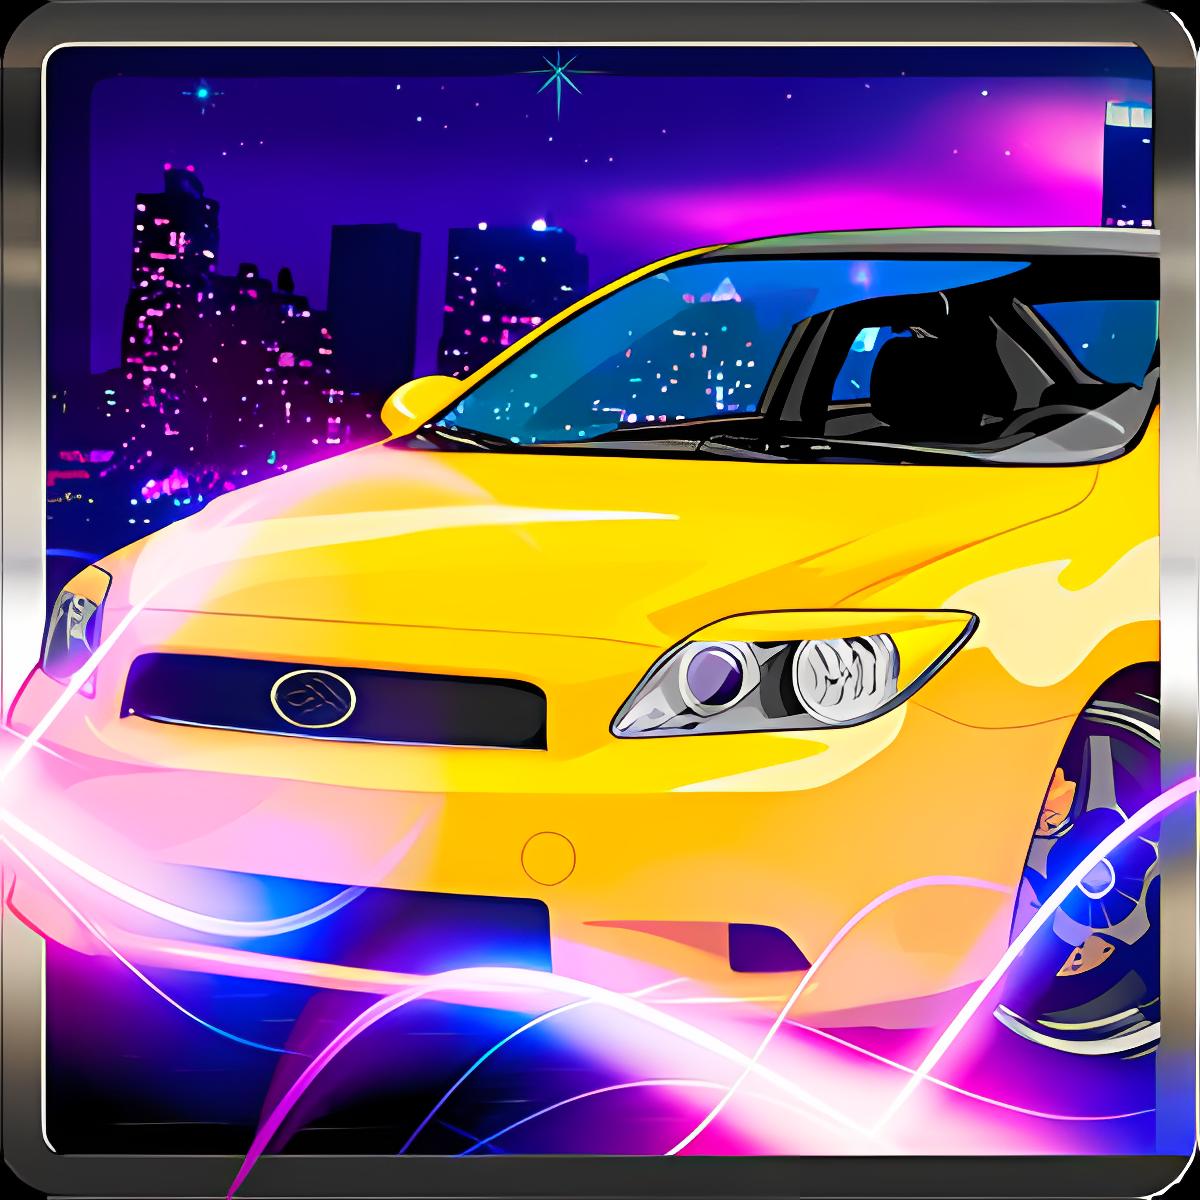 Juegos de tunear: Pimp my car 3